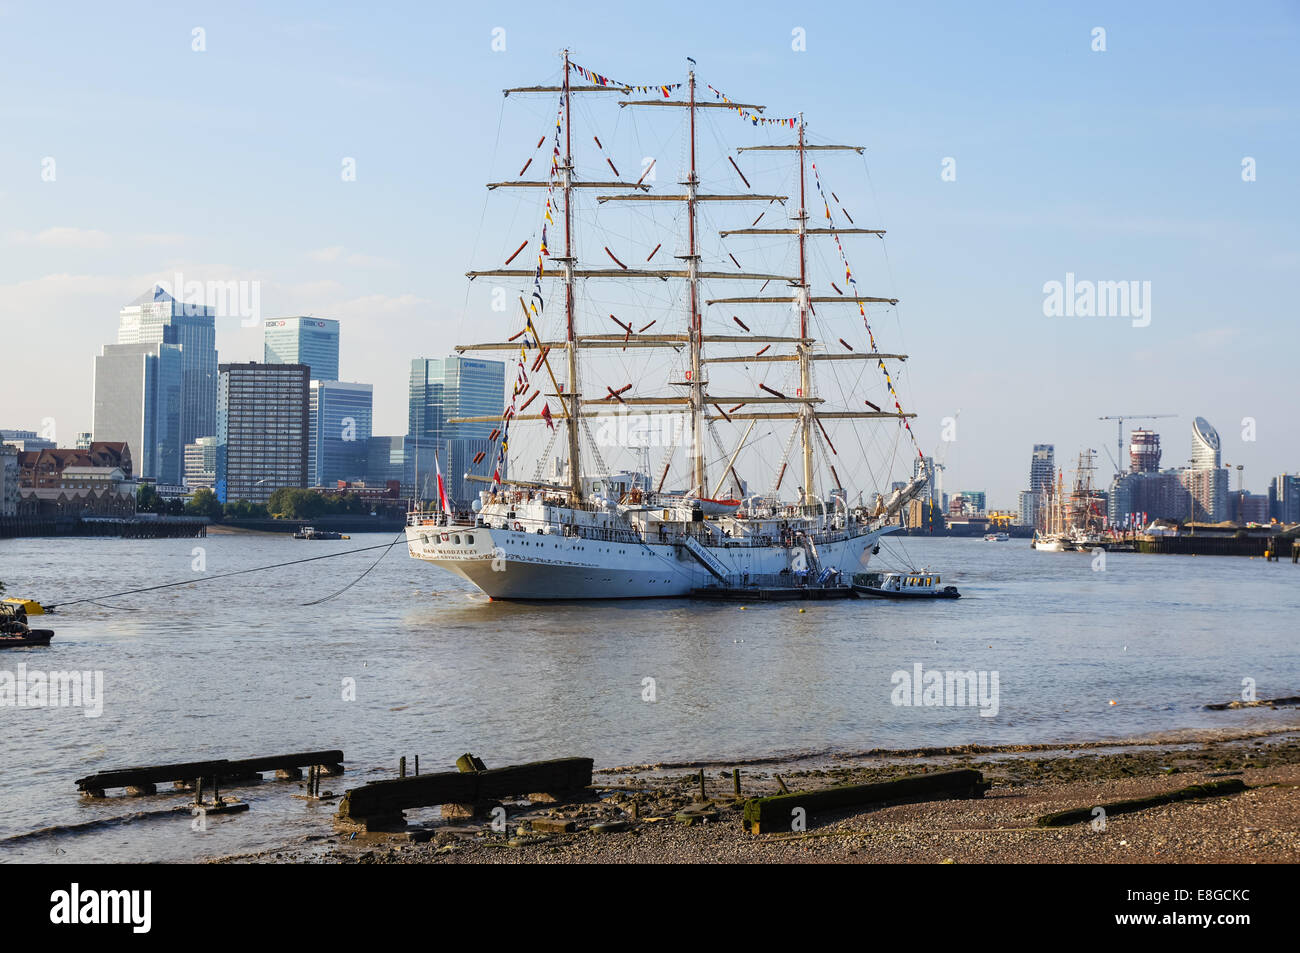 Ship Dar Mlodziezy [ Dar Młodzieży ] at the Royal Greenwich Tall Ships Festival, London England United Kingdom UK - Stock Image